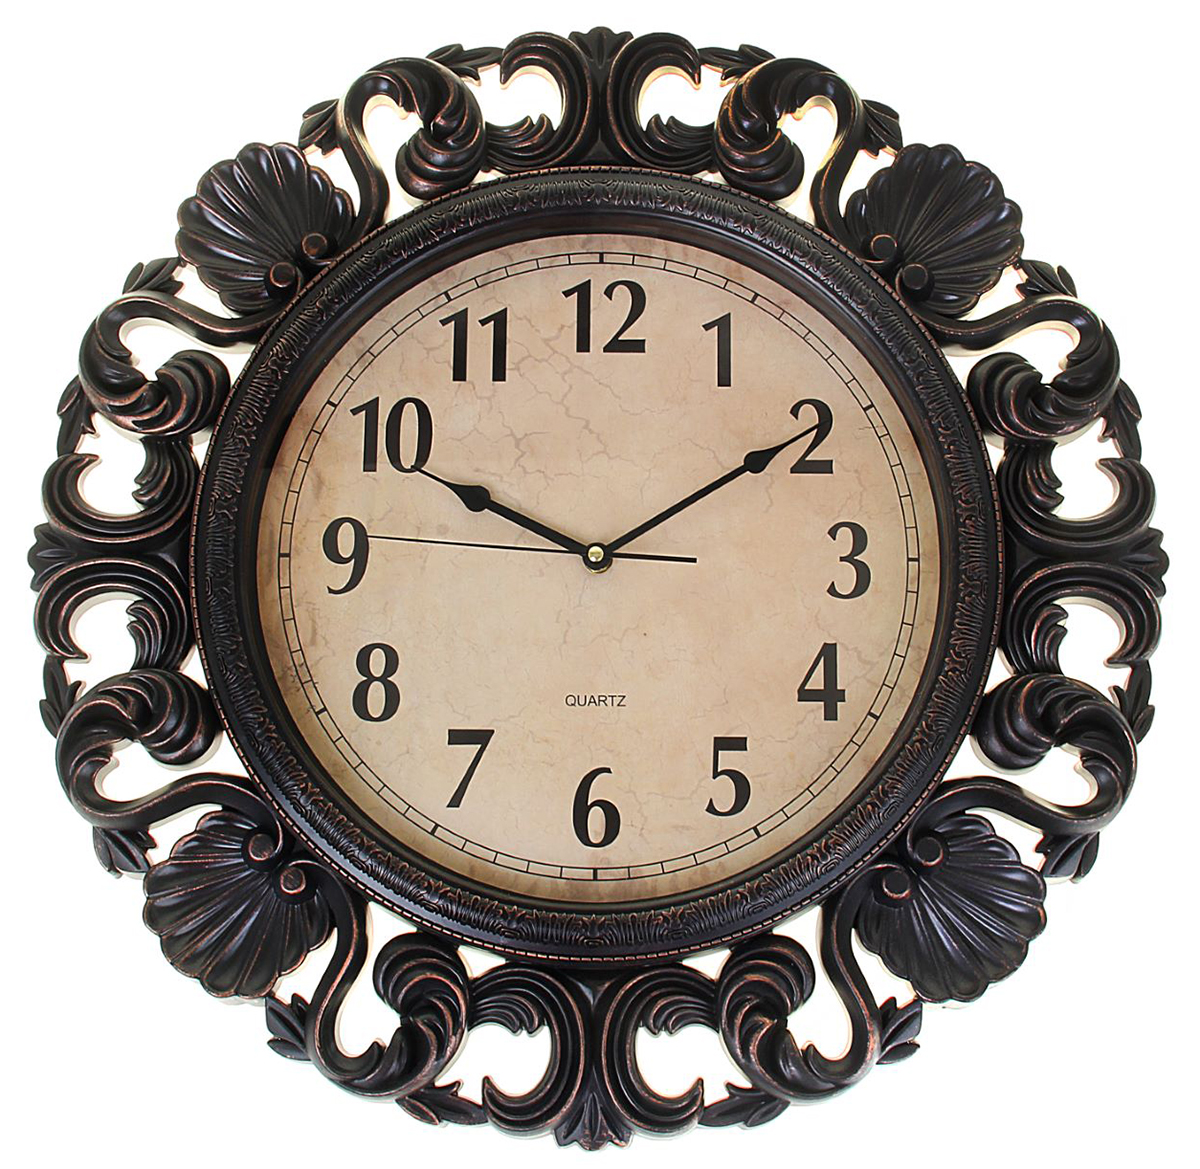 Часы настенные круглые, диаметр 55 см1208429Каждому хозяину периодически приходит мысль обновить свою квартиру, сделать ремонт, перестановку или кардинально поменять внешний вид каждой комнаты. Часы настенные круглые Classic style, d=55 см, под металл, винтажный узор по периметру — привлекательная деталь, которая поможет воплотить вашу интерьерную идею, создать неповторимую атмосферу в вашем доме. Окружите себя приятными мелочами, пусть они радуют глаз и дарят гармонию.Часы интерьерные круглые 55 см, под металл, винтажный узор по периметру 1208429